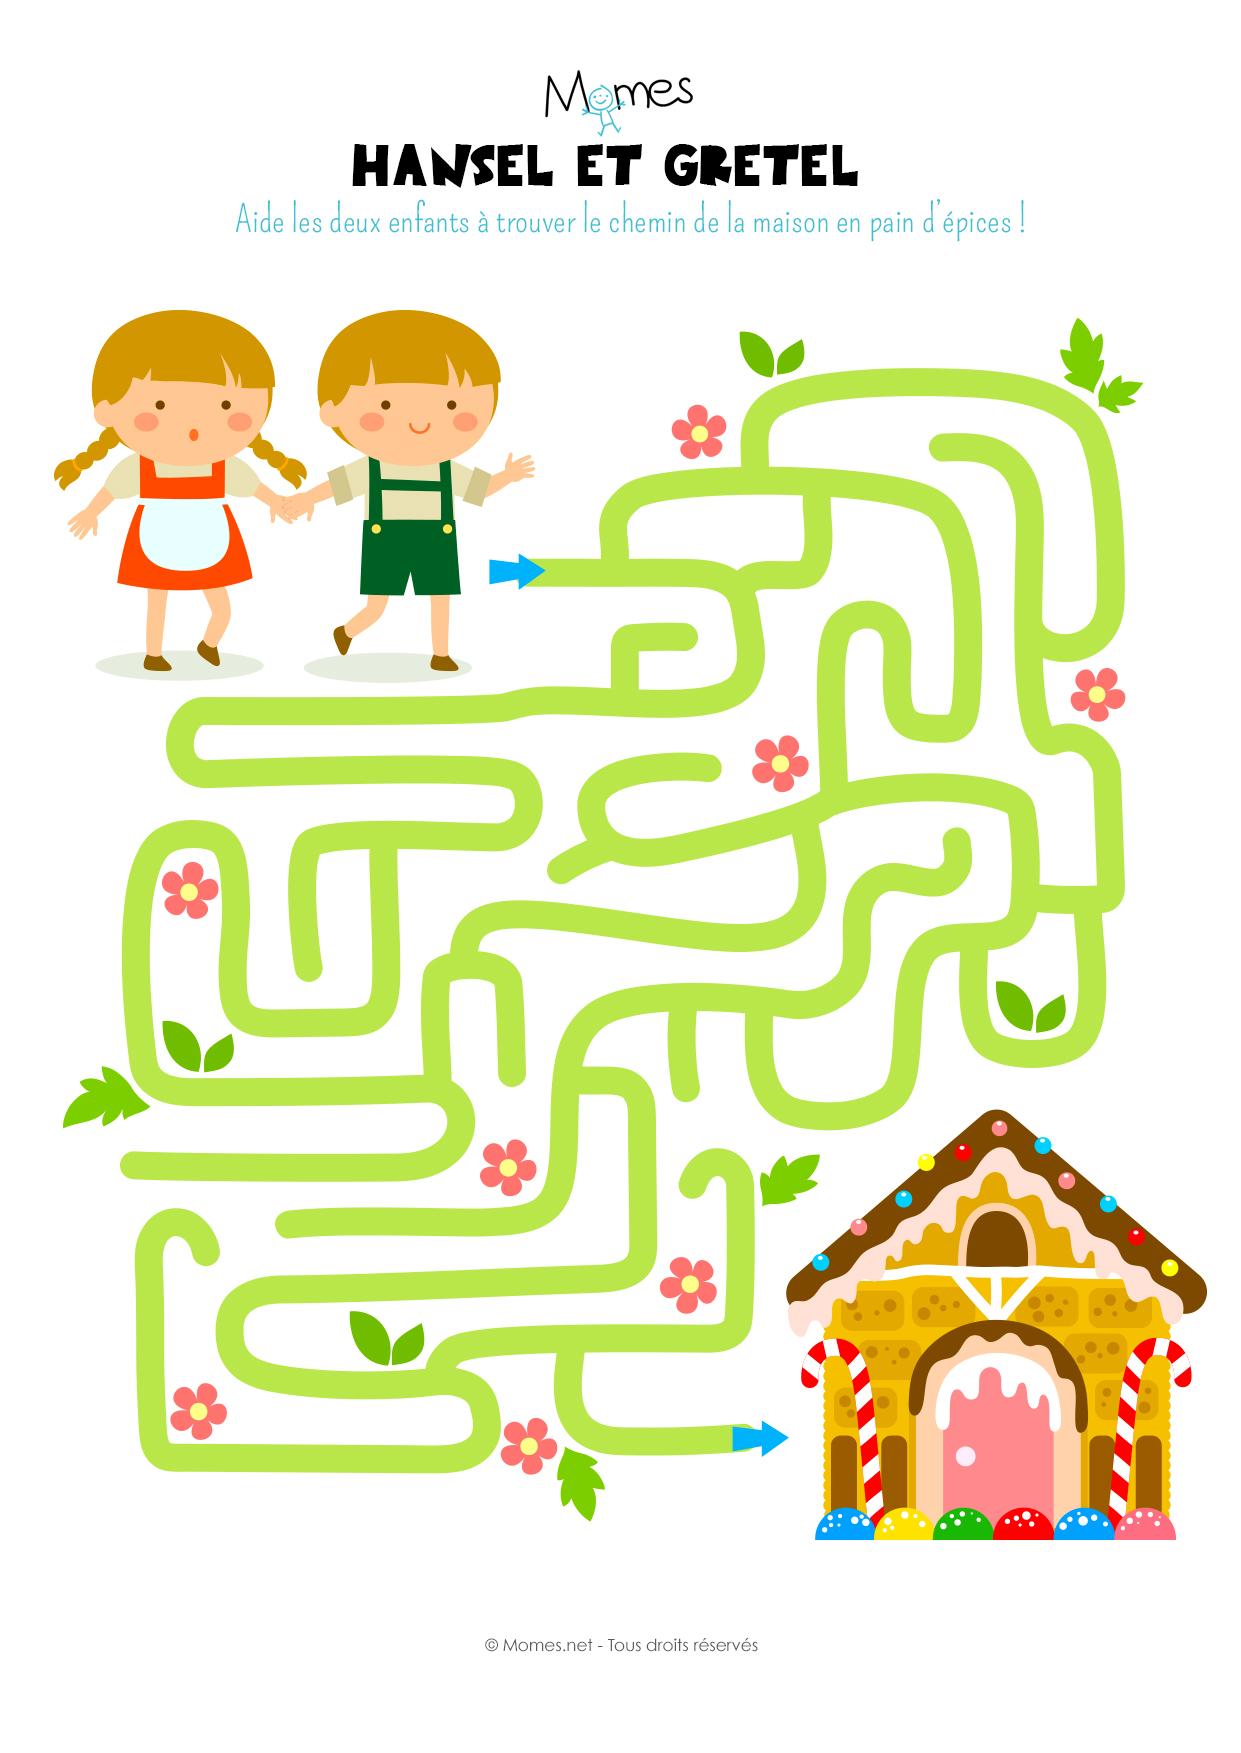 Le labyrinthe d 39 hansel et gretel - Jeu labyrinthe a imprimer ...